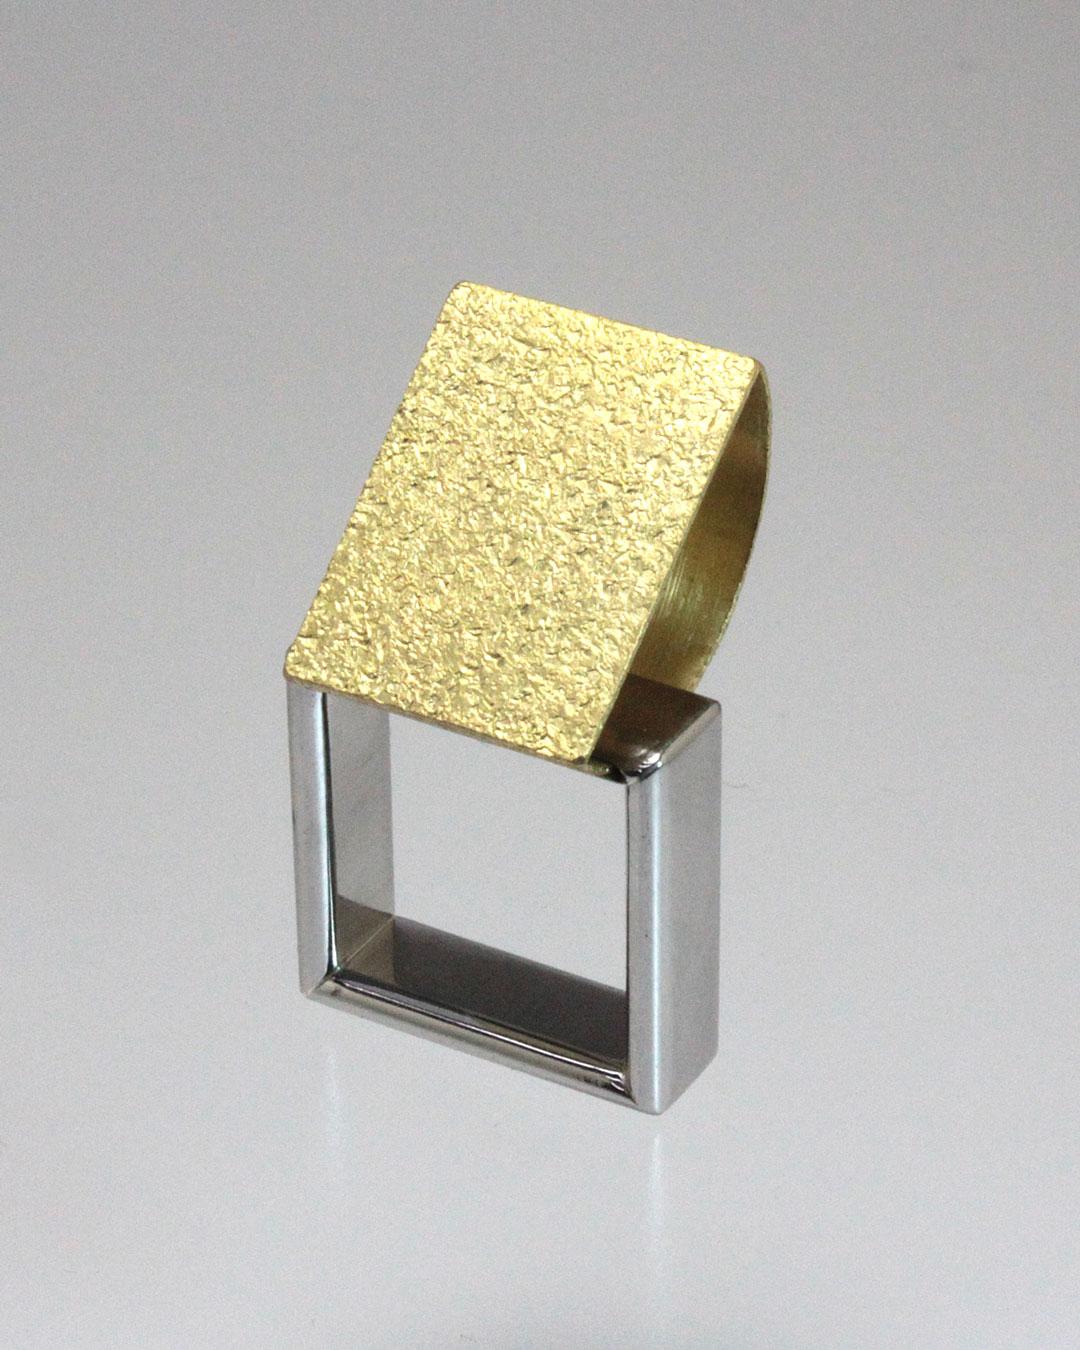 Okinari Kurokawa, untitled, 2014, ring, 20ct gold, stainless steel, 40 x 22 x 23 mm, €1850